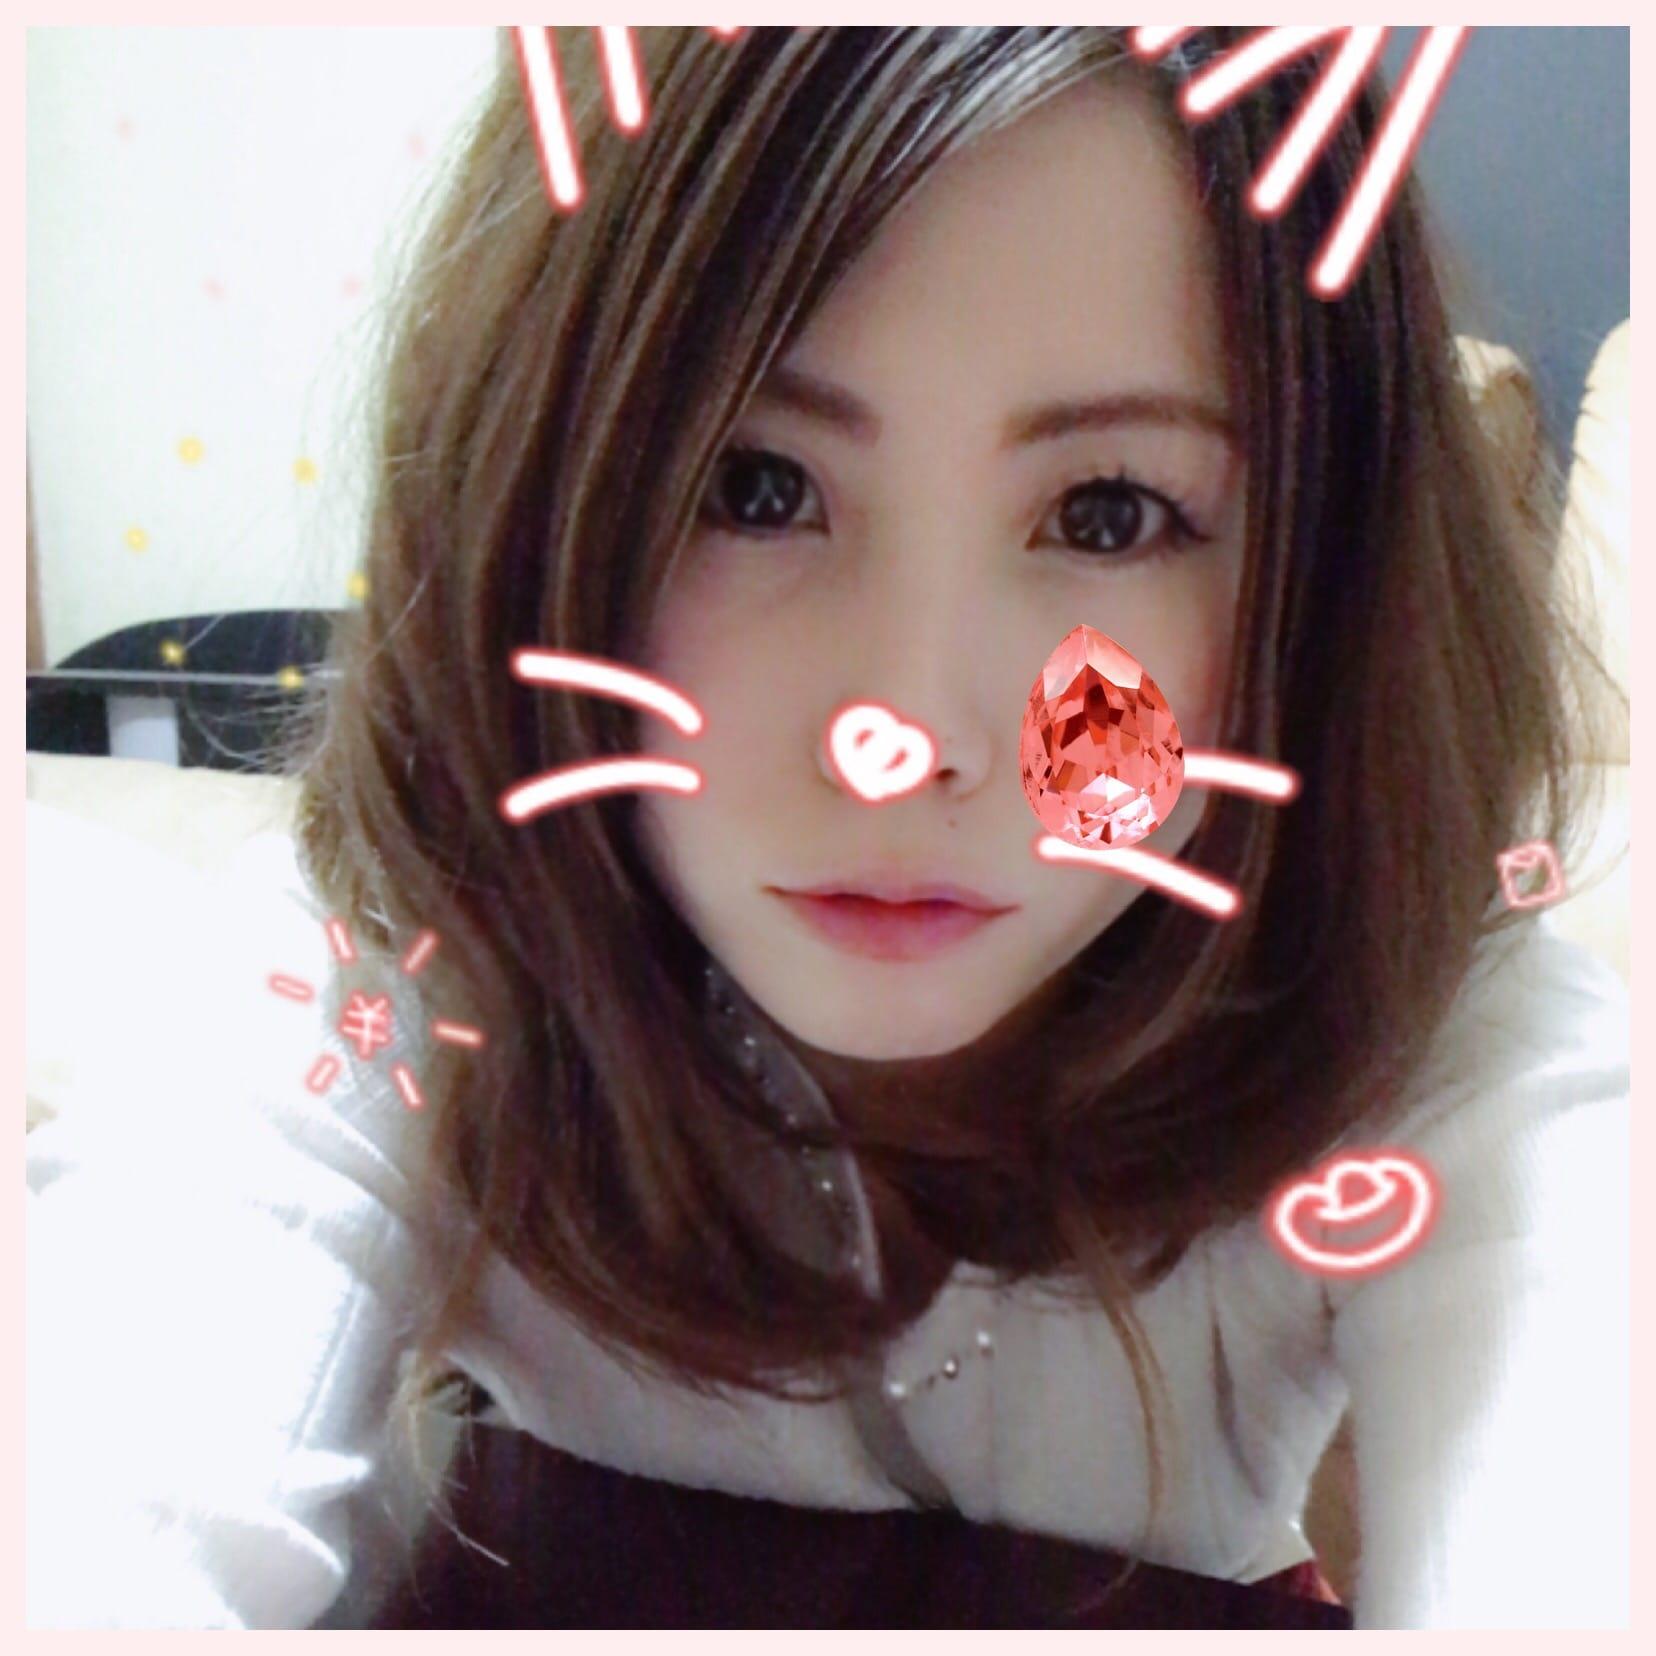 「雨だねー(ㆀ˘・з・˘)」12/08(12/08) 19:53 | なつみ の写メ・風俗動画